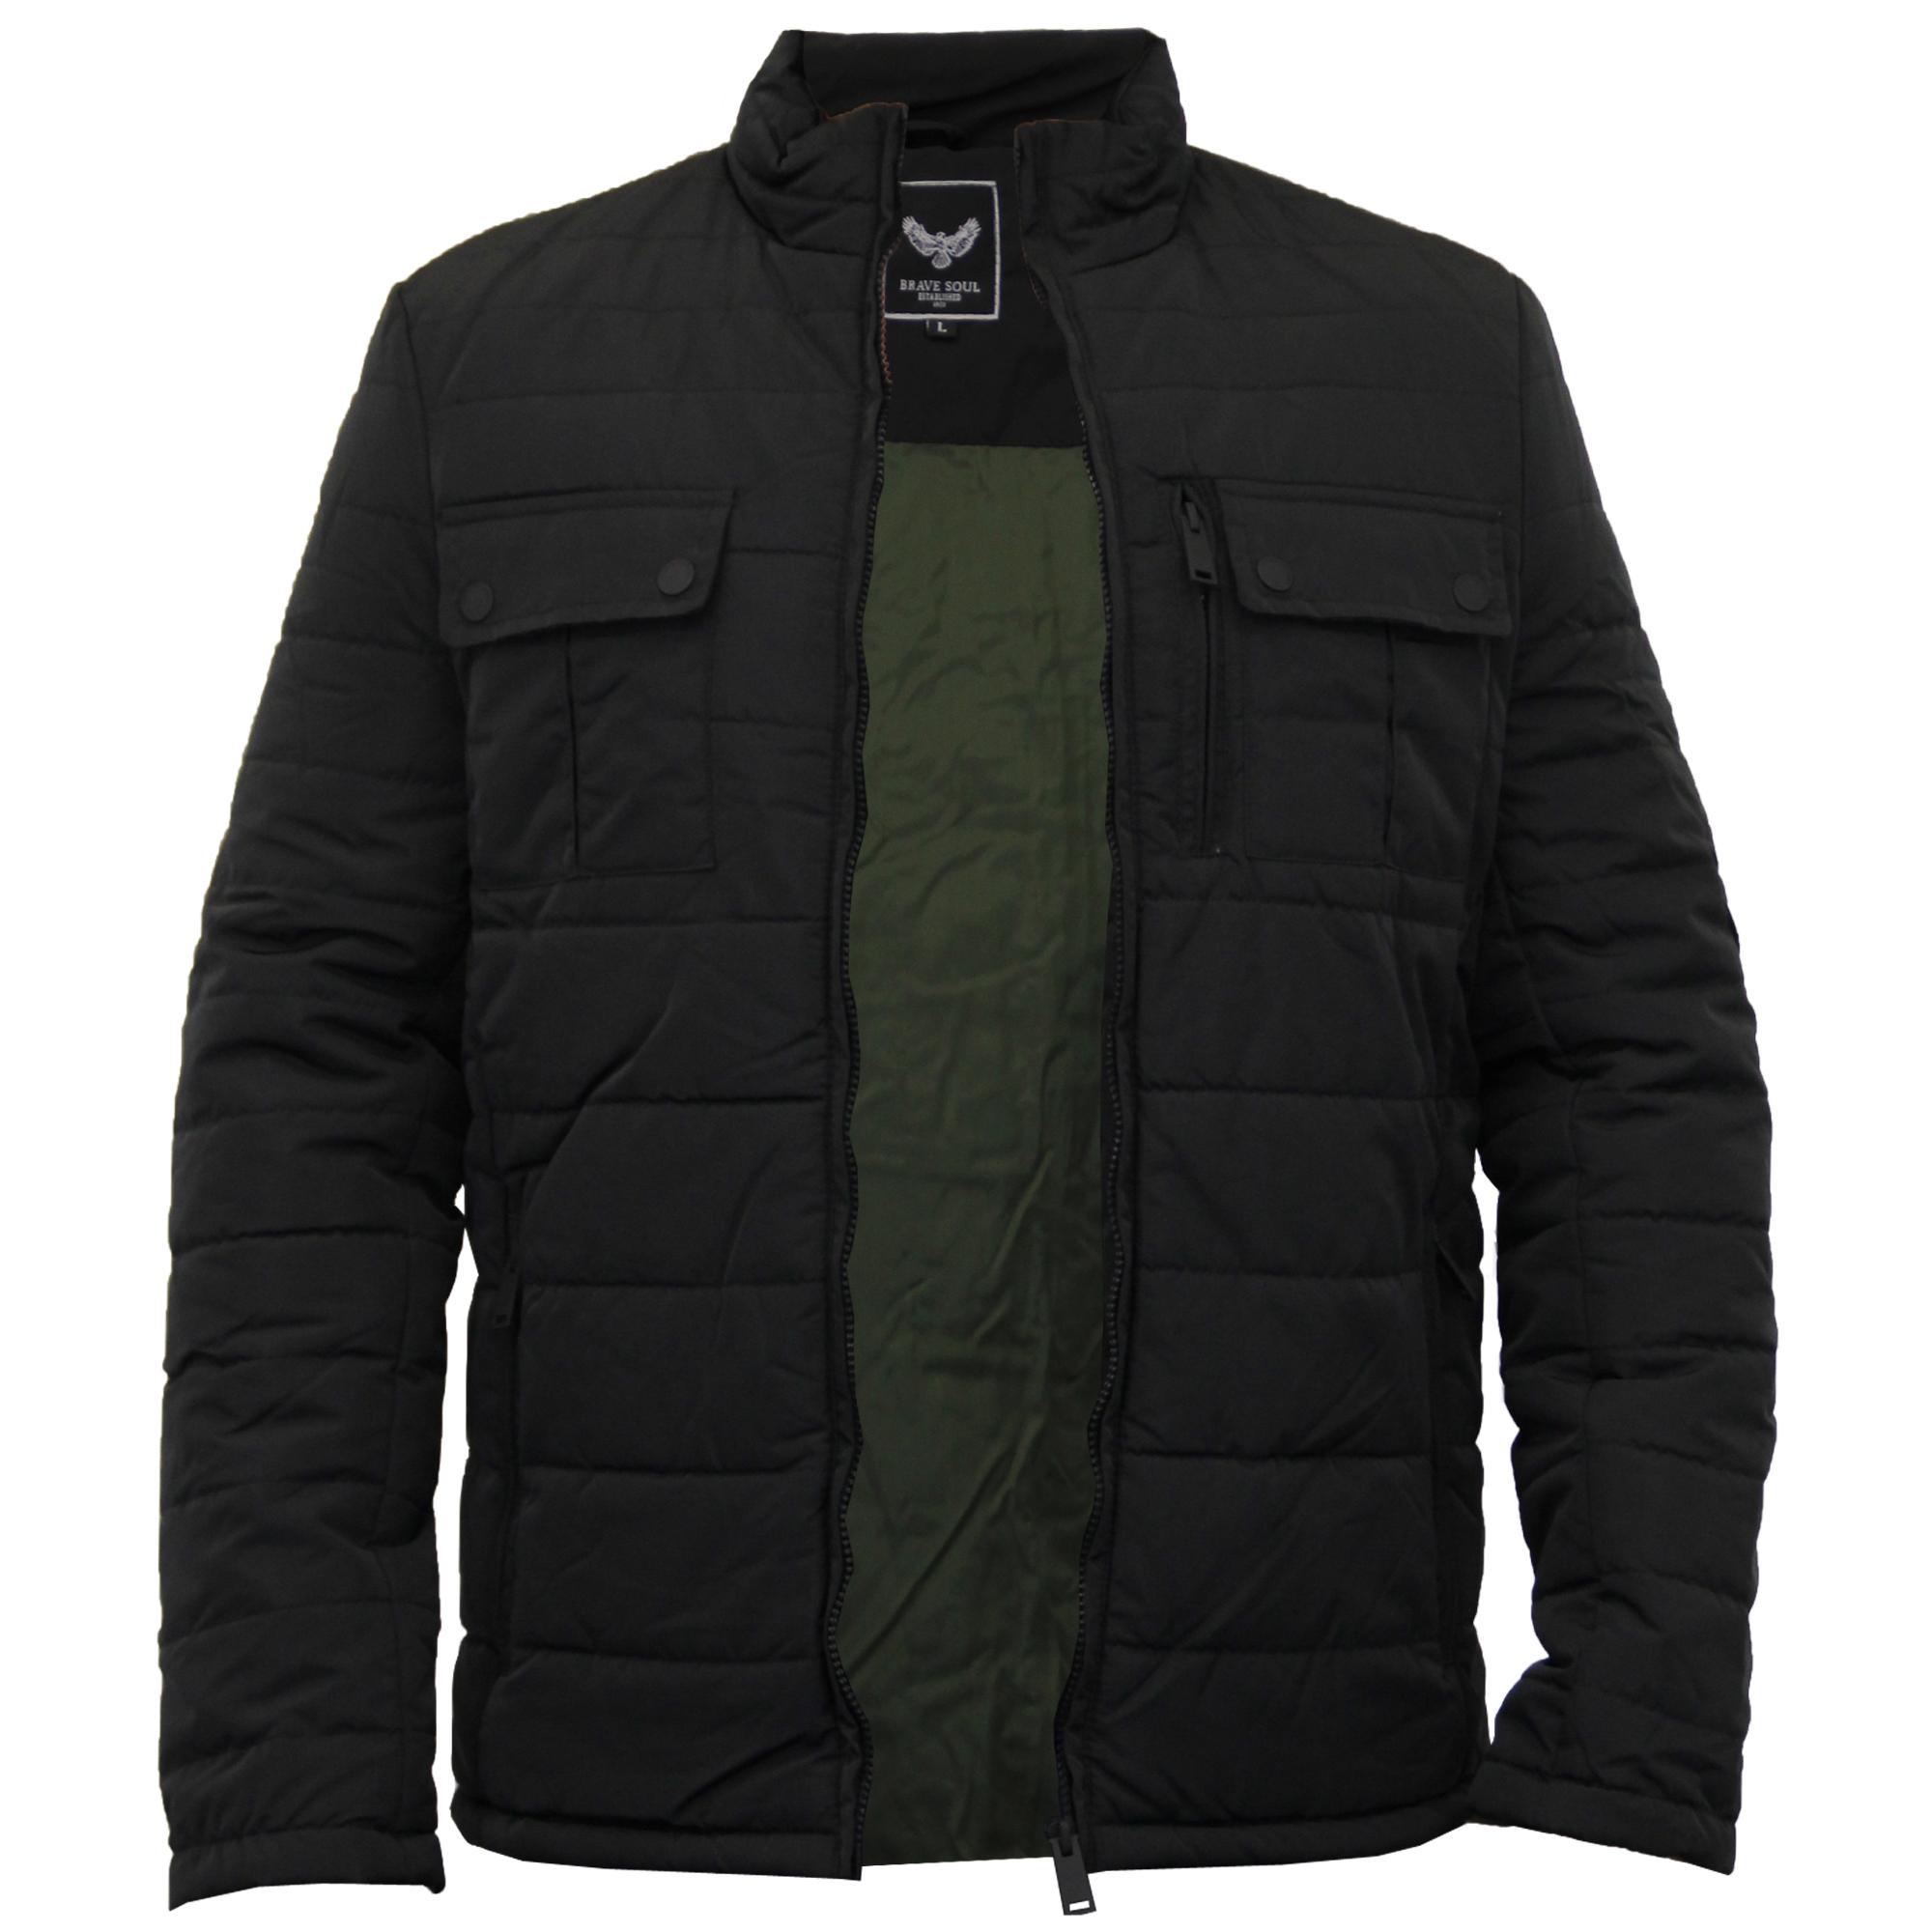 mens jacket brave soul coat quilted padded funnel neck. Black Bedroom Furniture Sets. Home Design Ideas